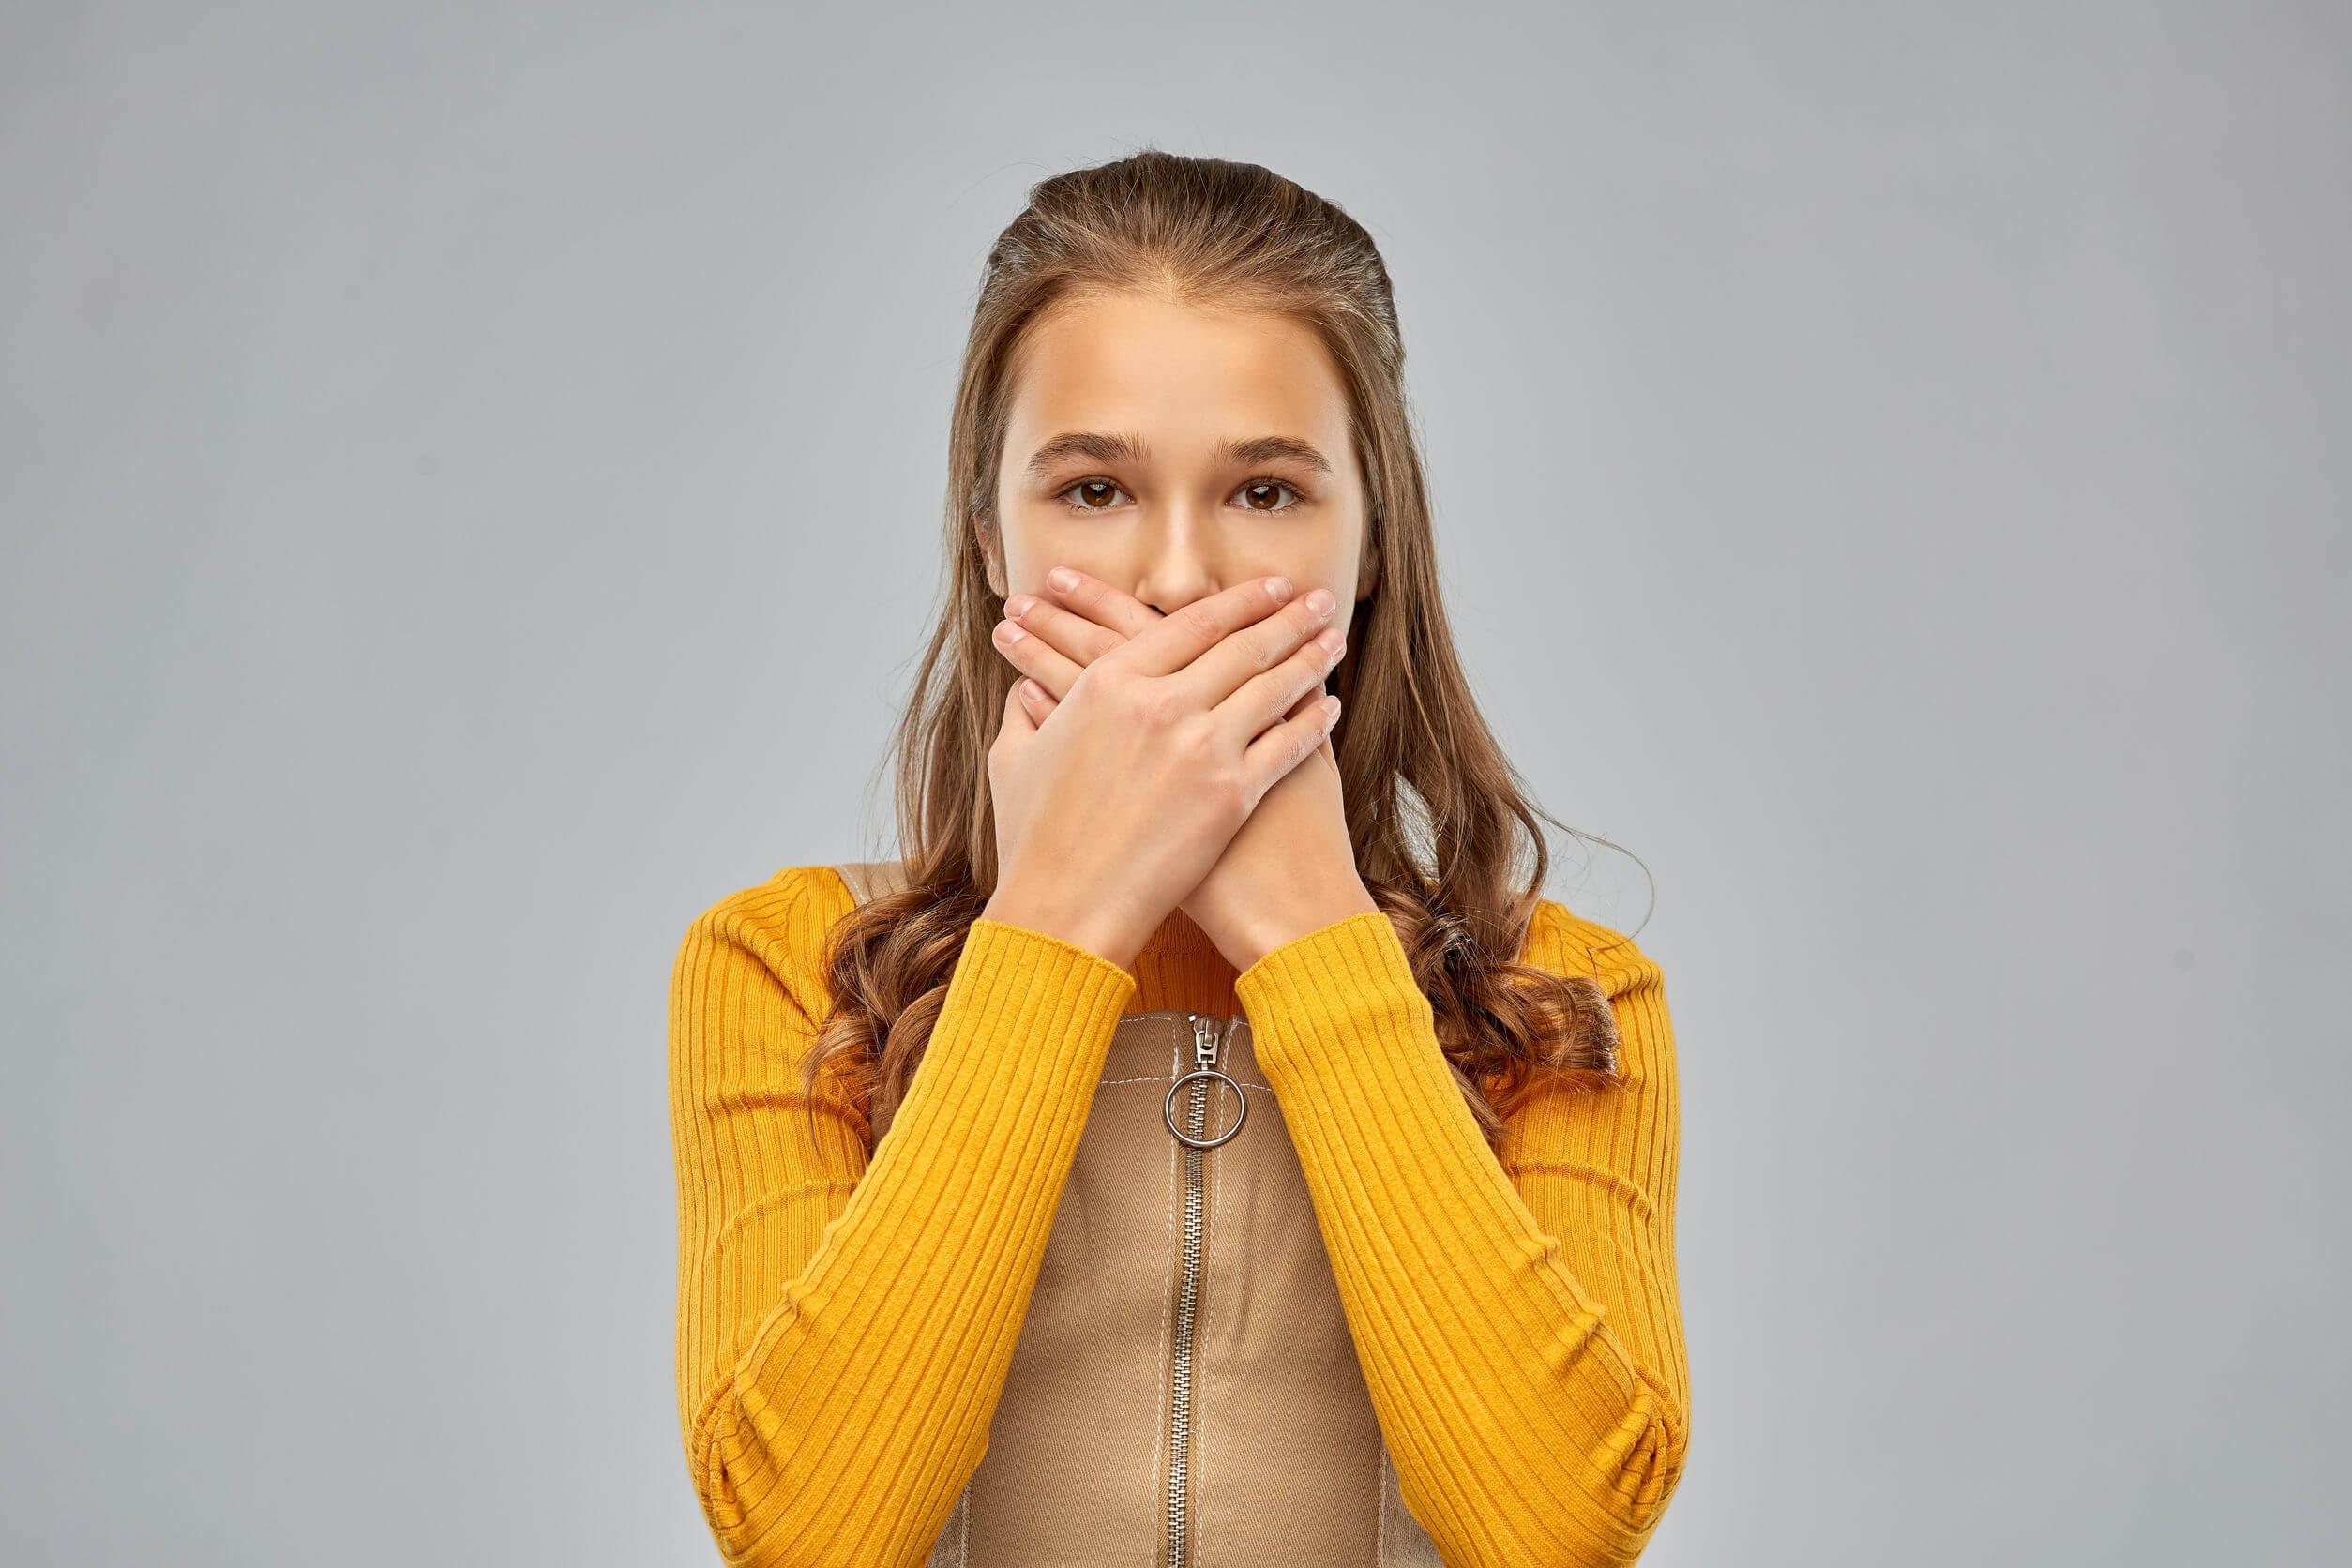 La gingivitis y la halitosis.